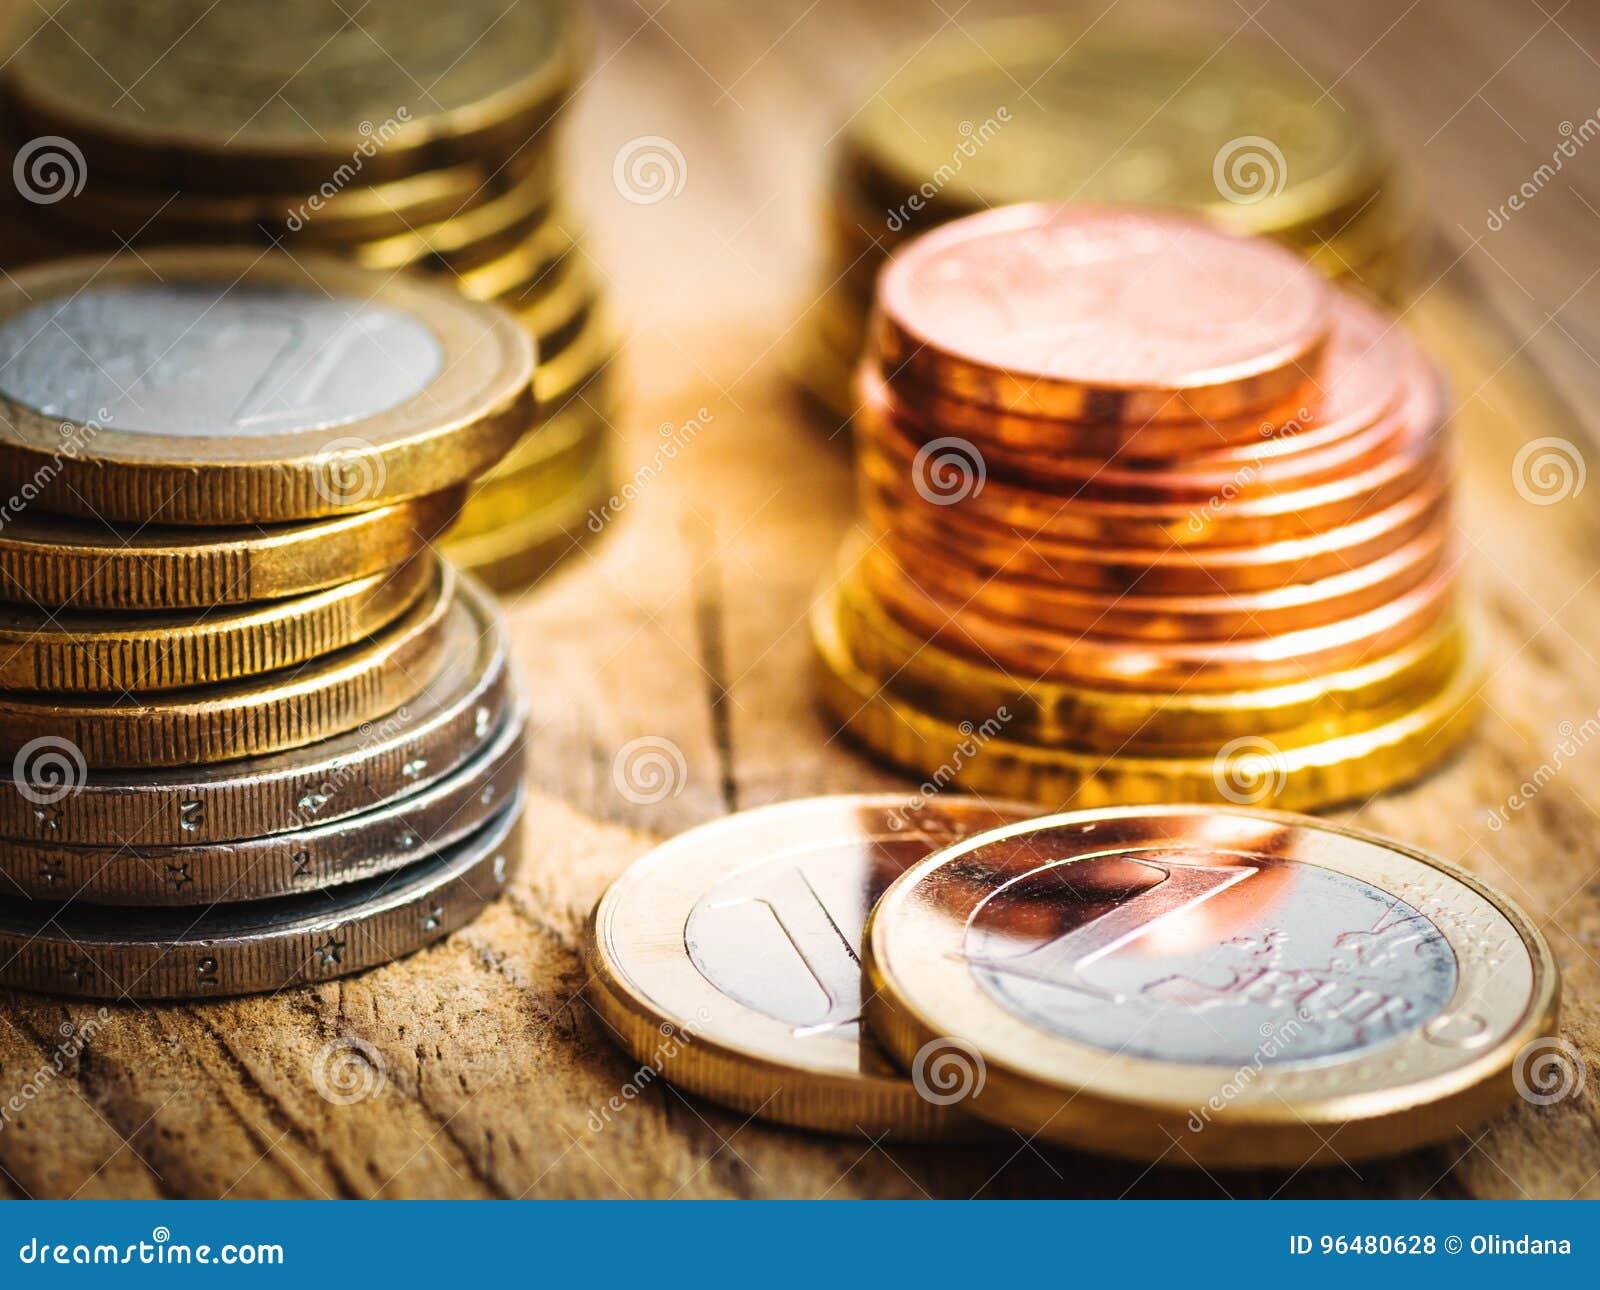 Moedas brancas e douradas brilhantes empilhadas do valor diferente no fundo de madeira, finanças do Euro, investimento, estoque,